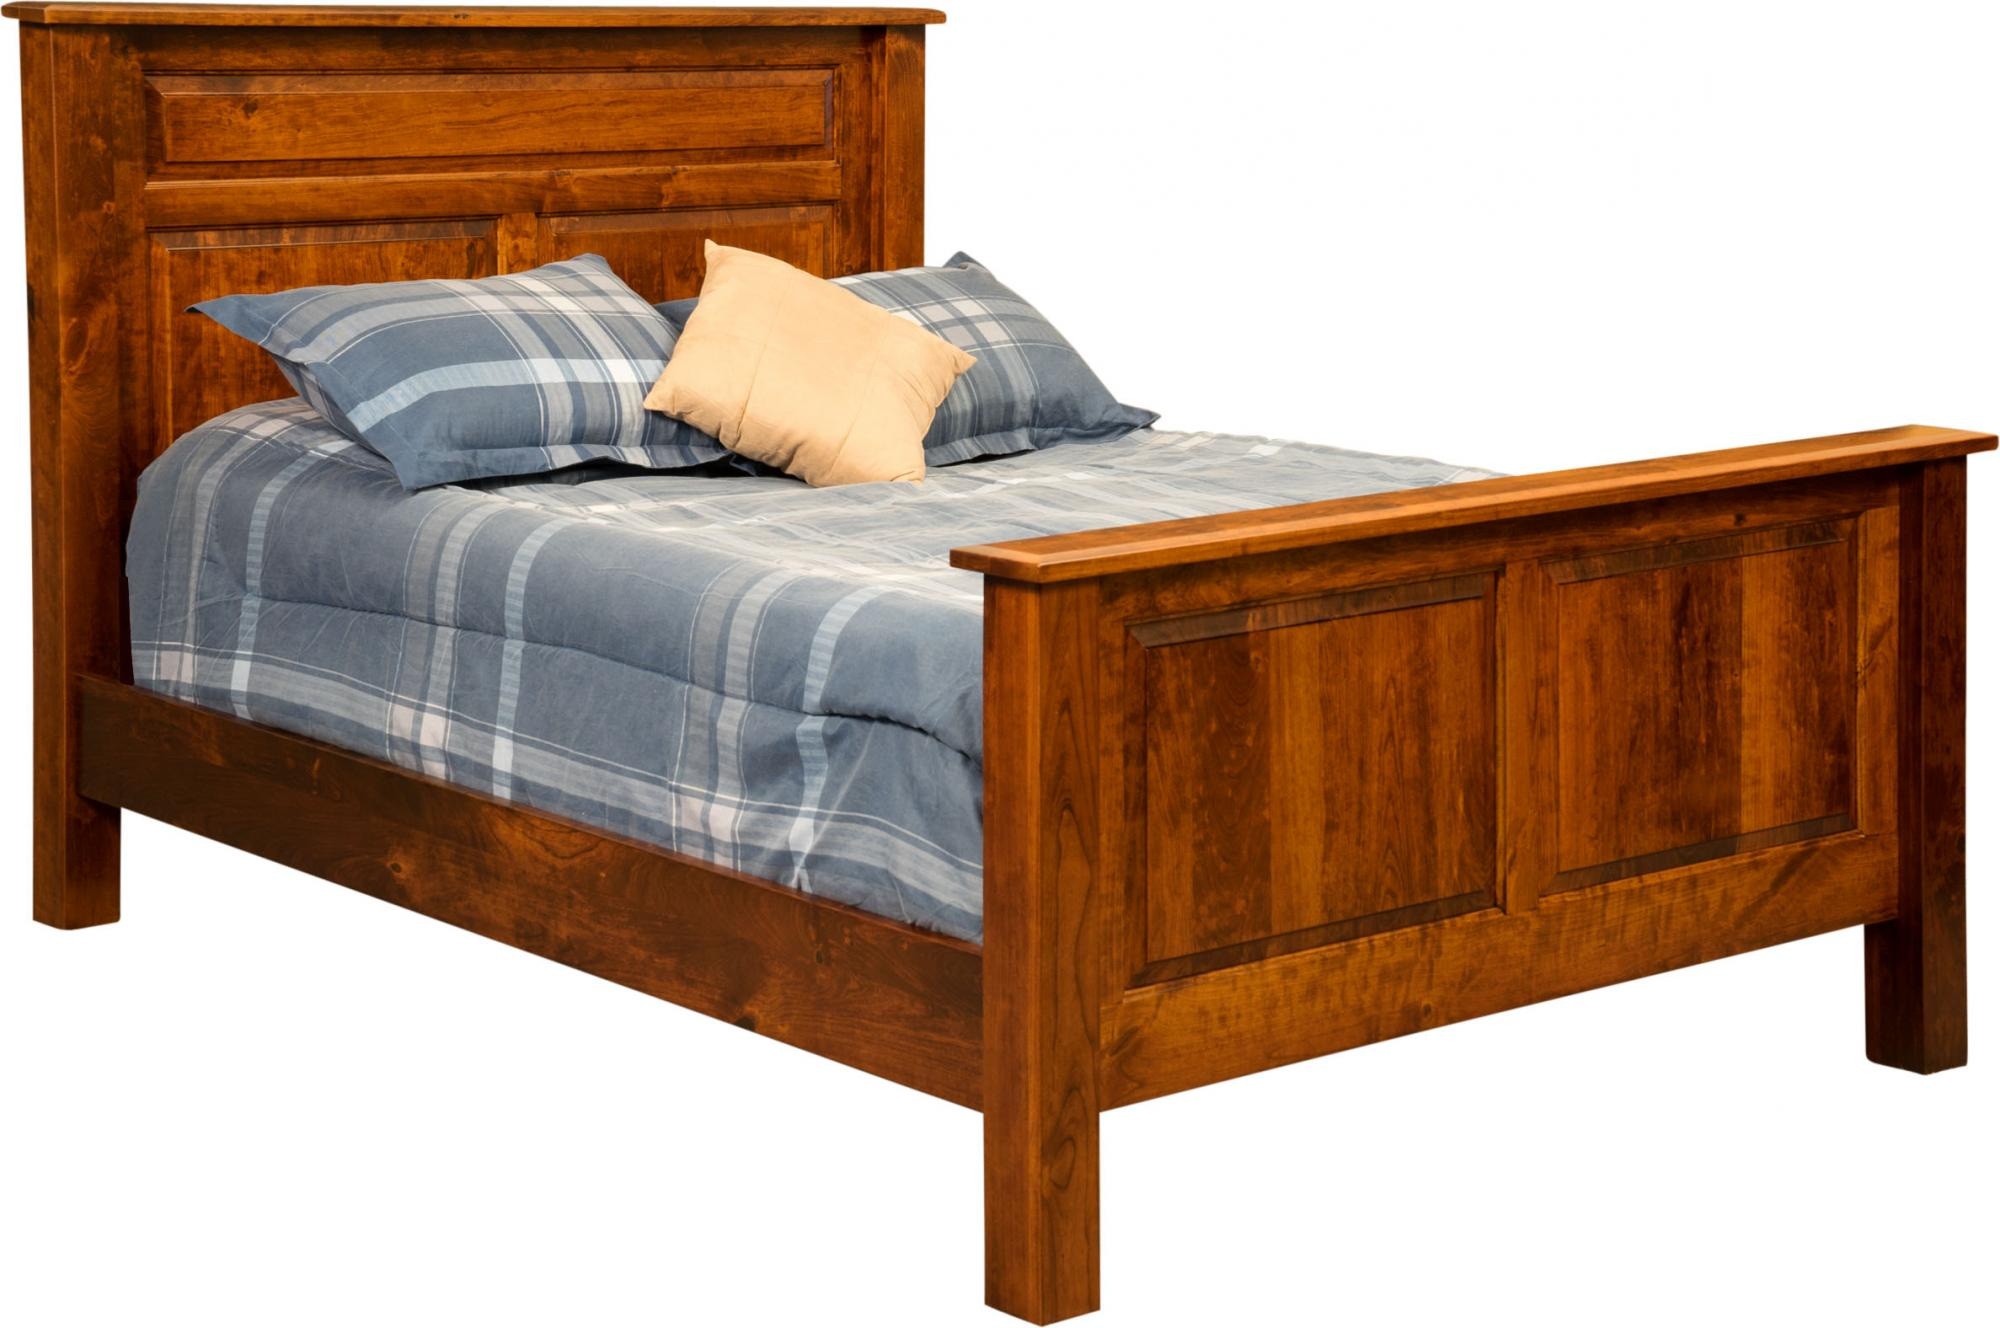 Jaxon Bed Amish Furniture Store Mankato Mn